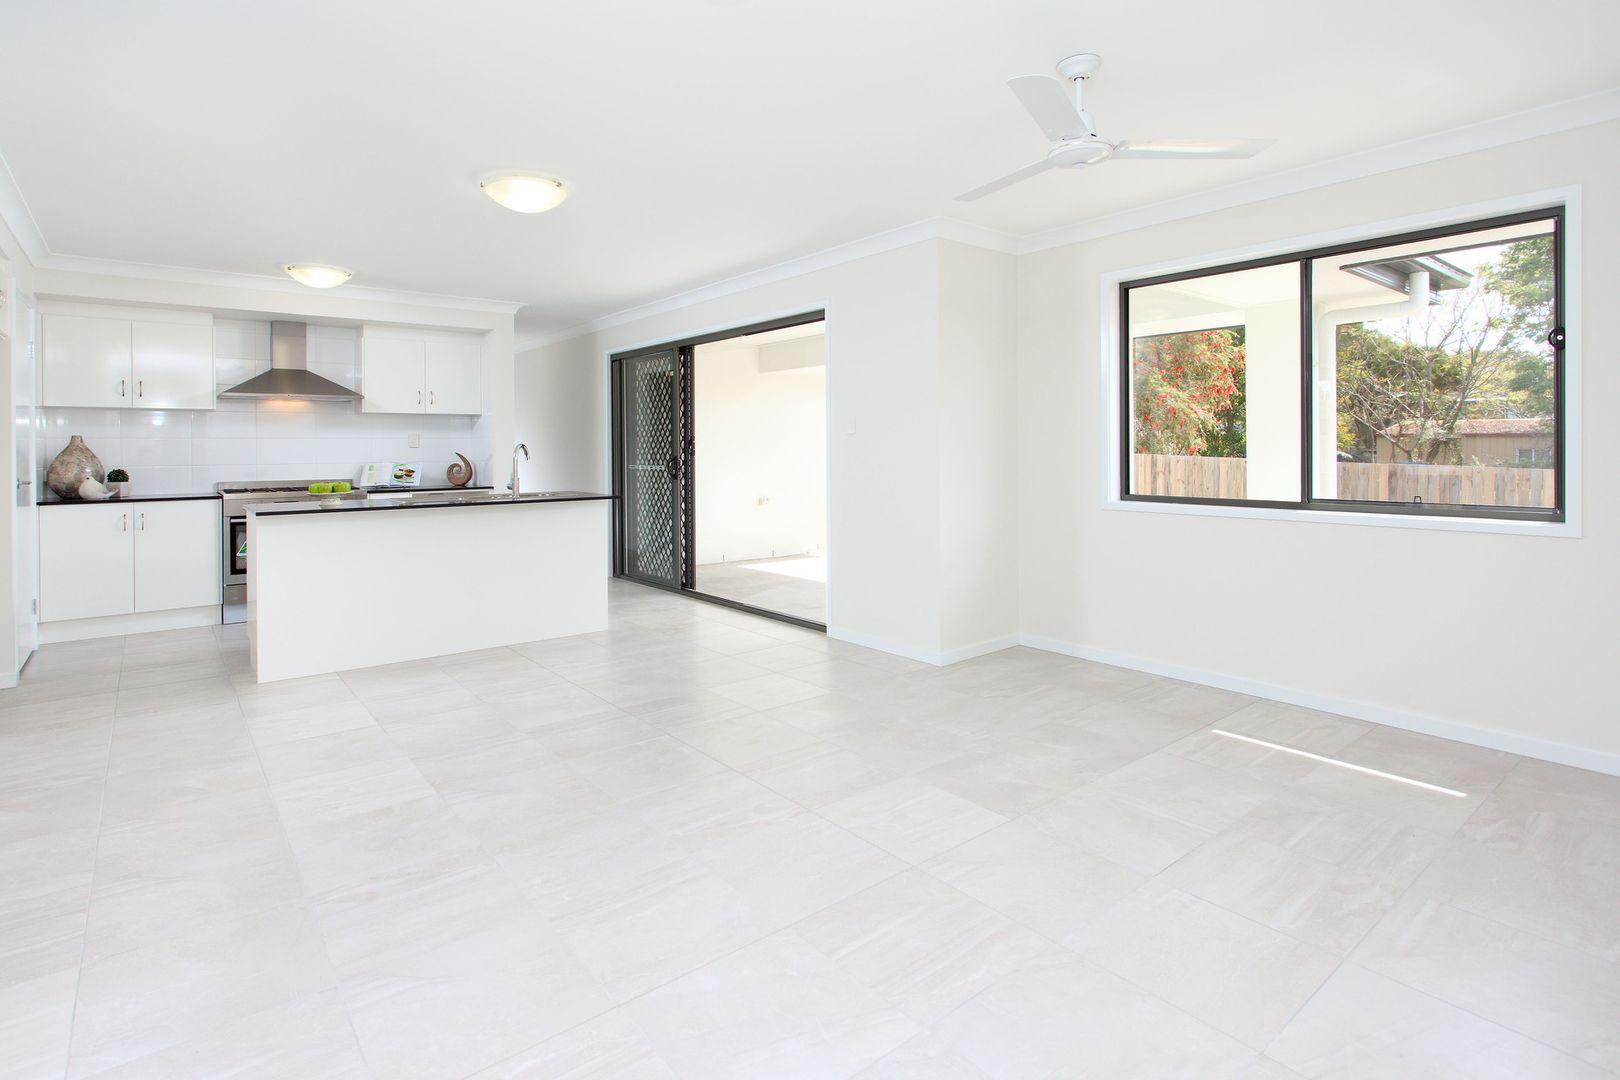 Lot 6 Martins Lane, Piallamore NSW 2340, Image 2